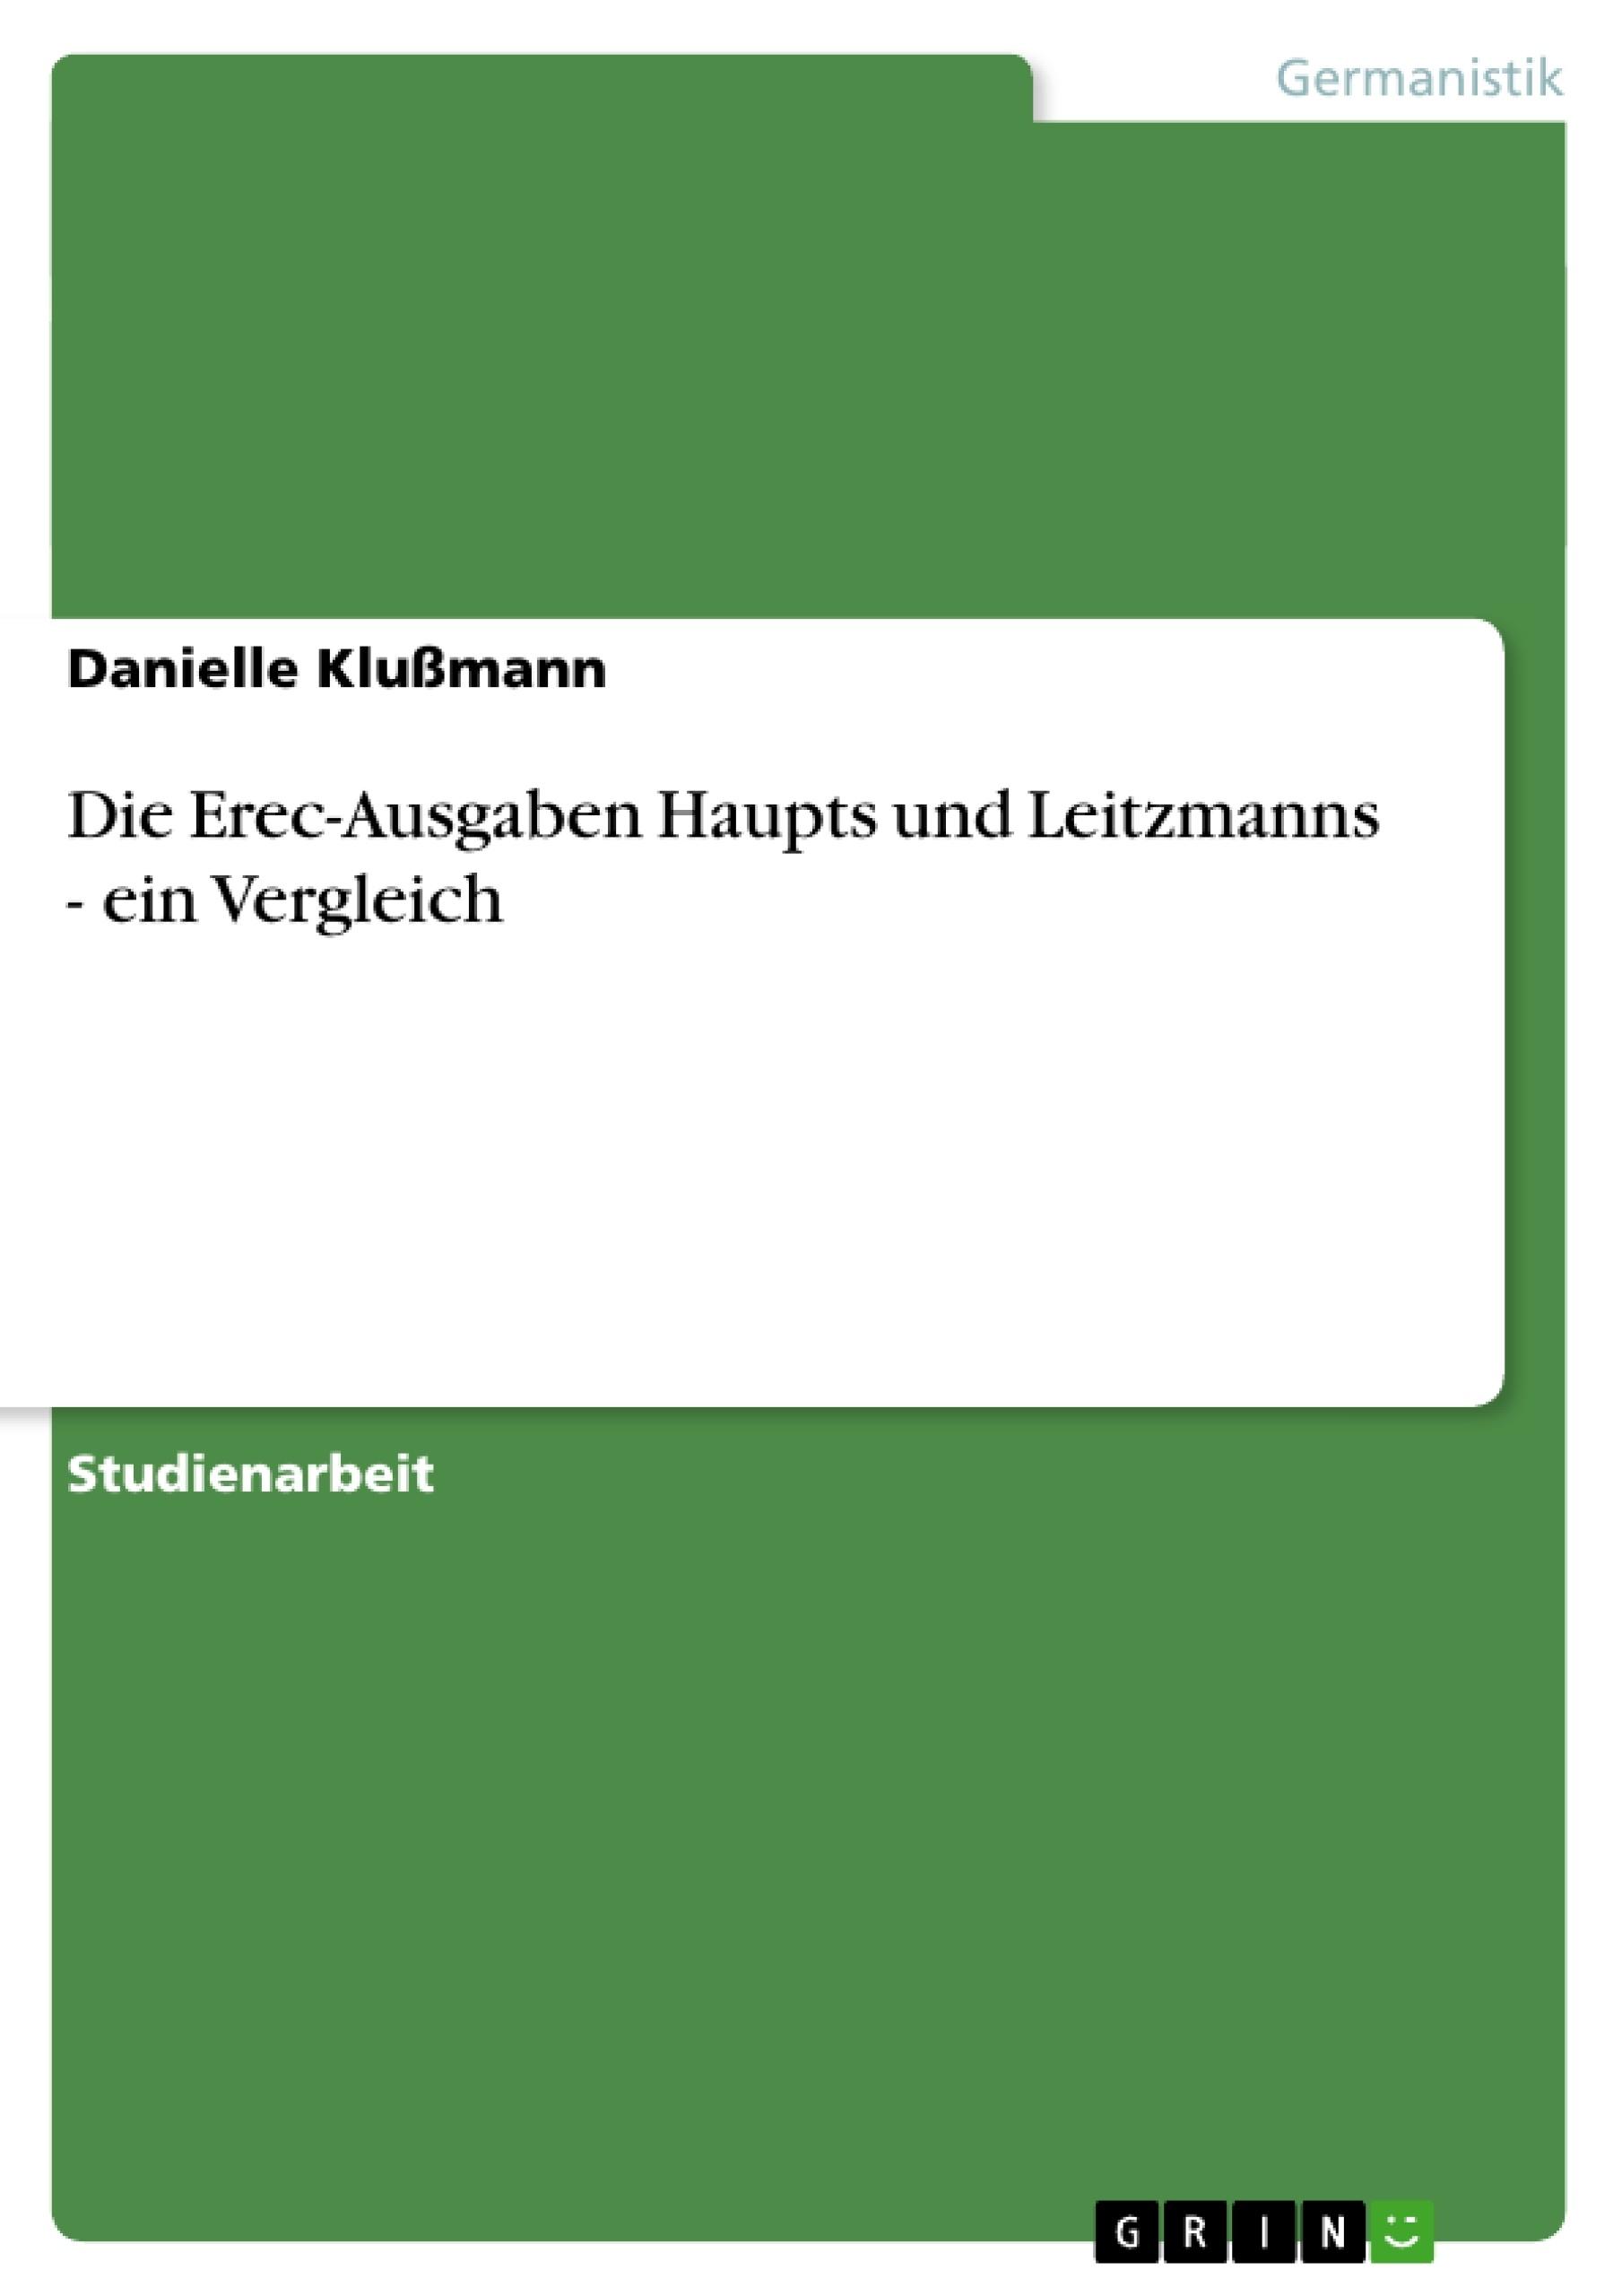 Titel: Die Erec-Ausgaben Haupts und Leitzmanns - ein Vergleich